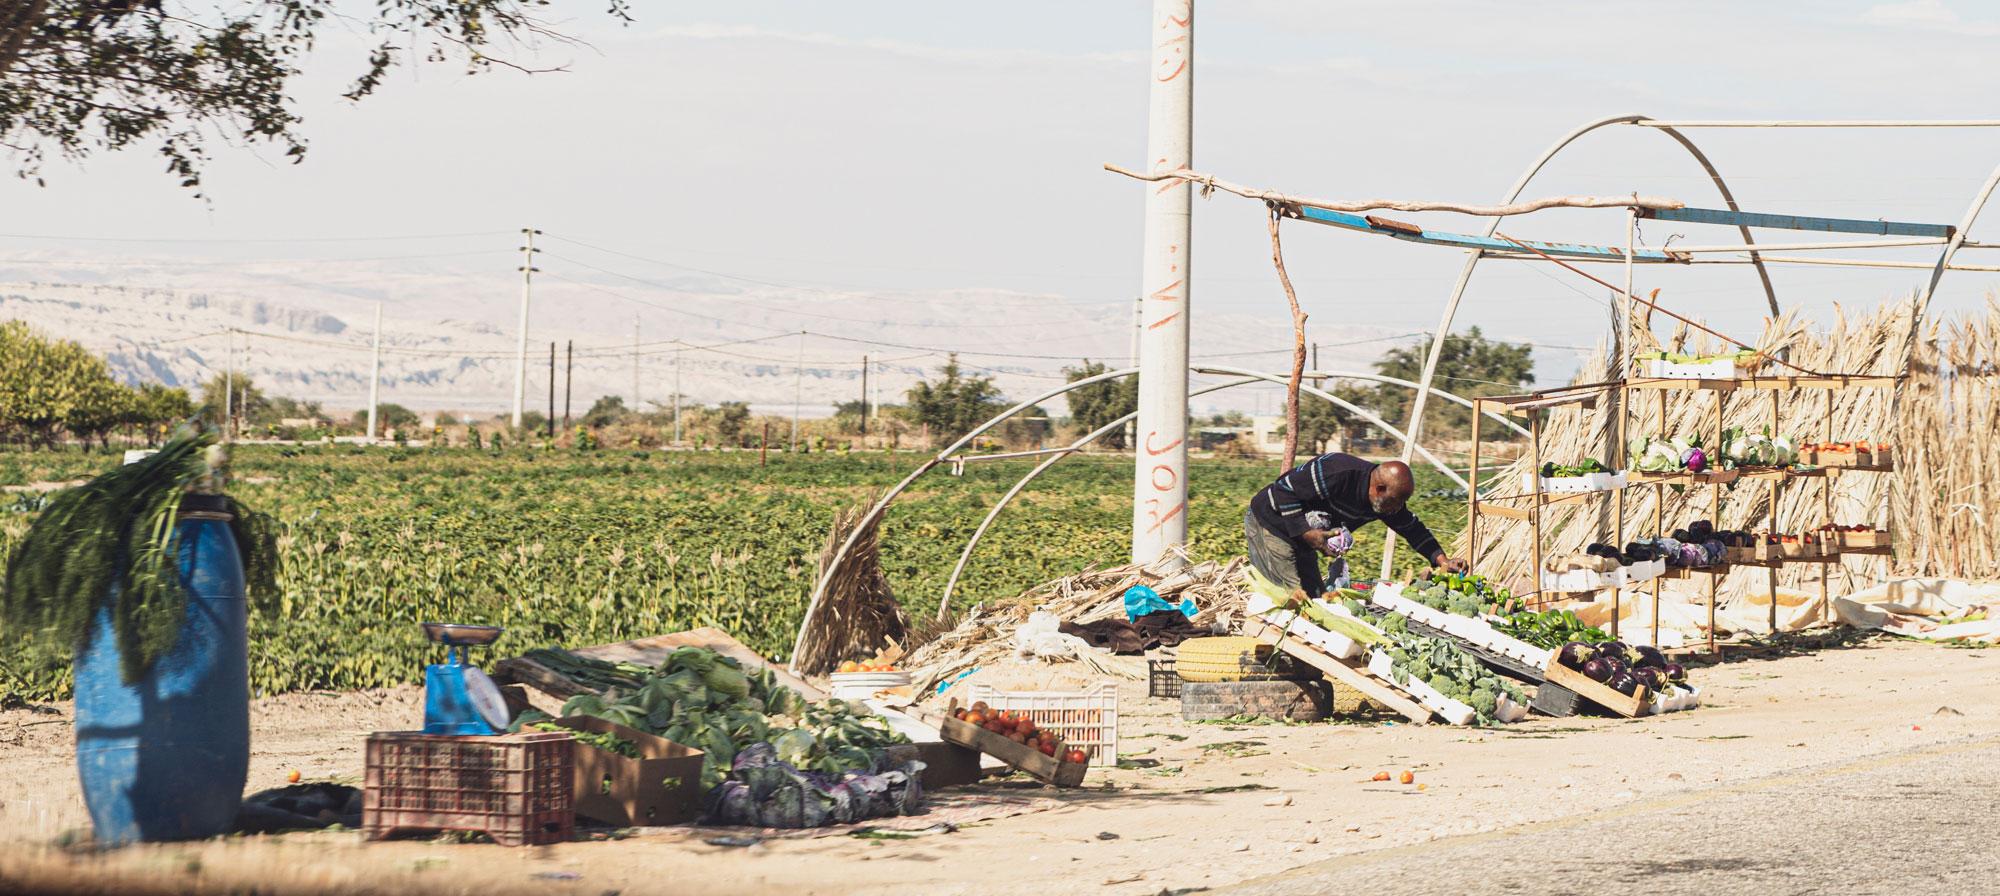 voyage en Jordanie marchés fruits légumes